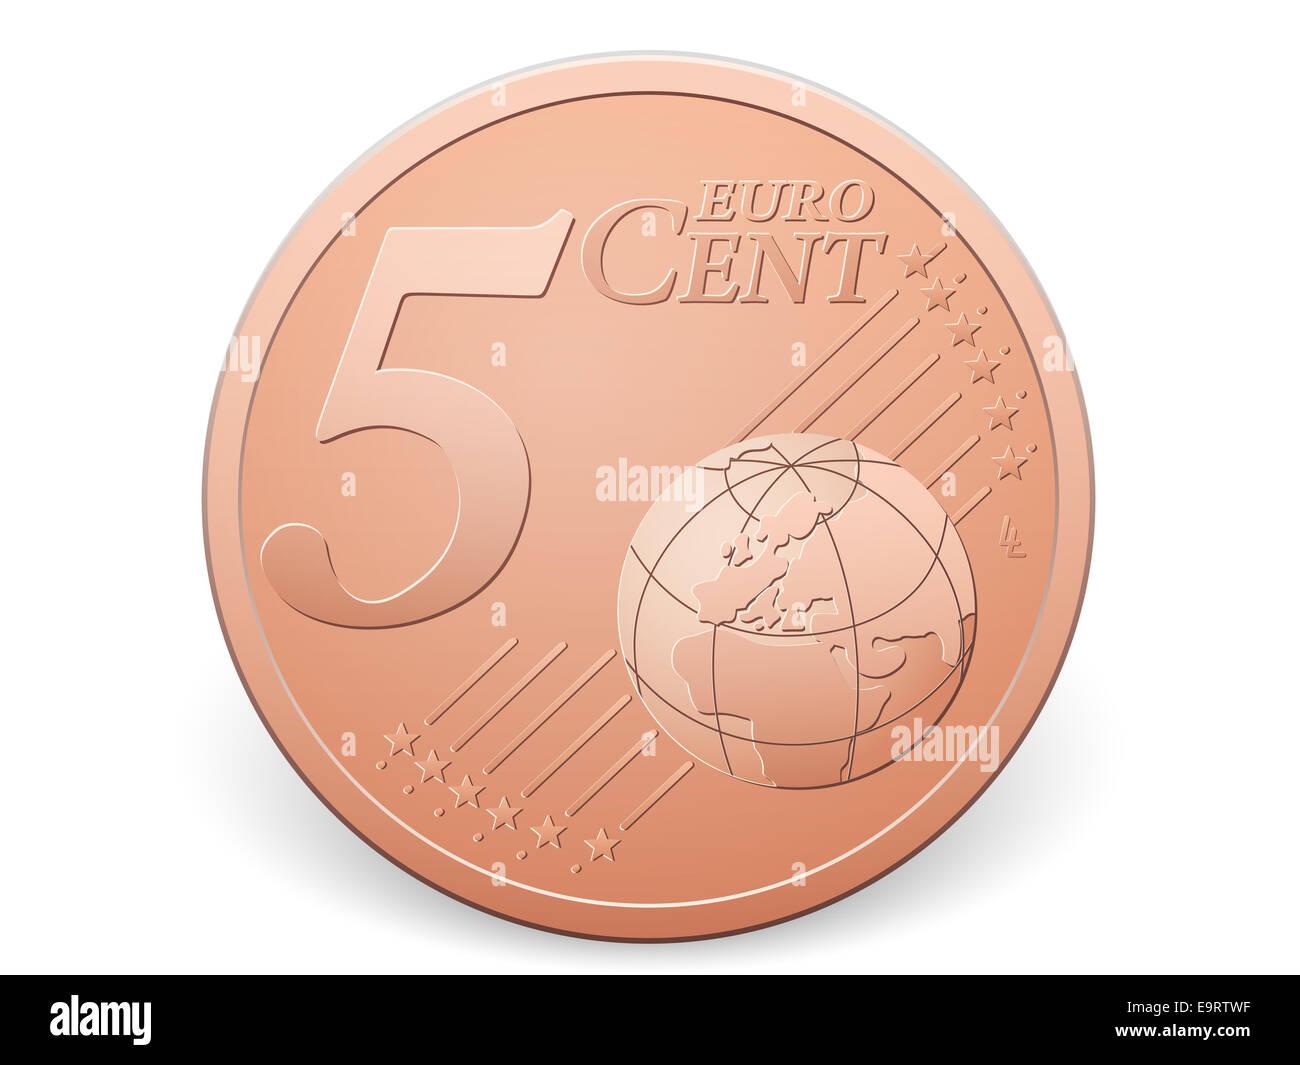 5 Euro Cent Münze Auf Einem Weißen Hintergrund Stockfoto Bild